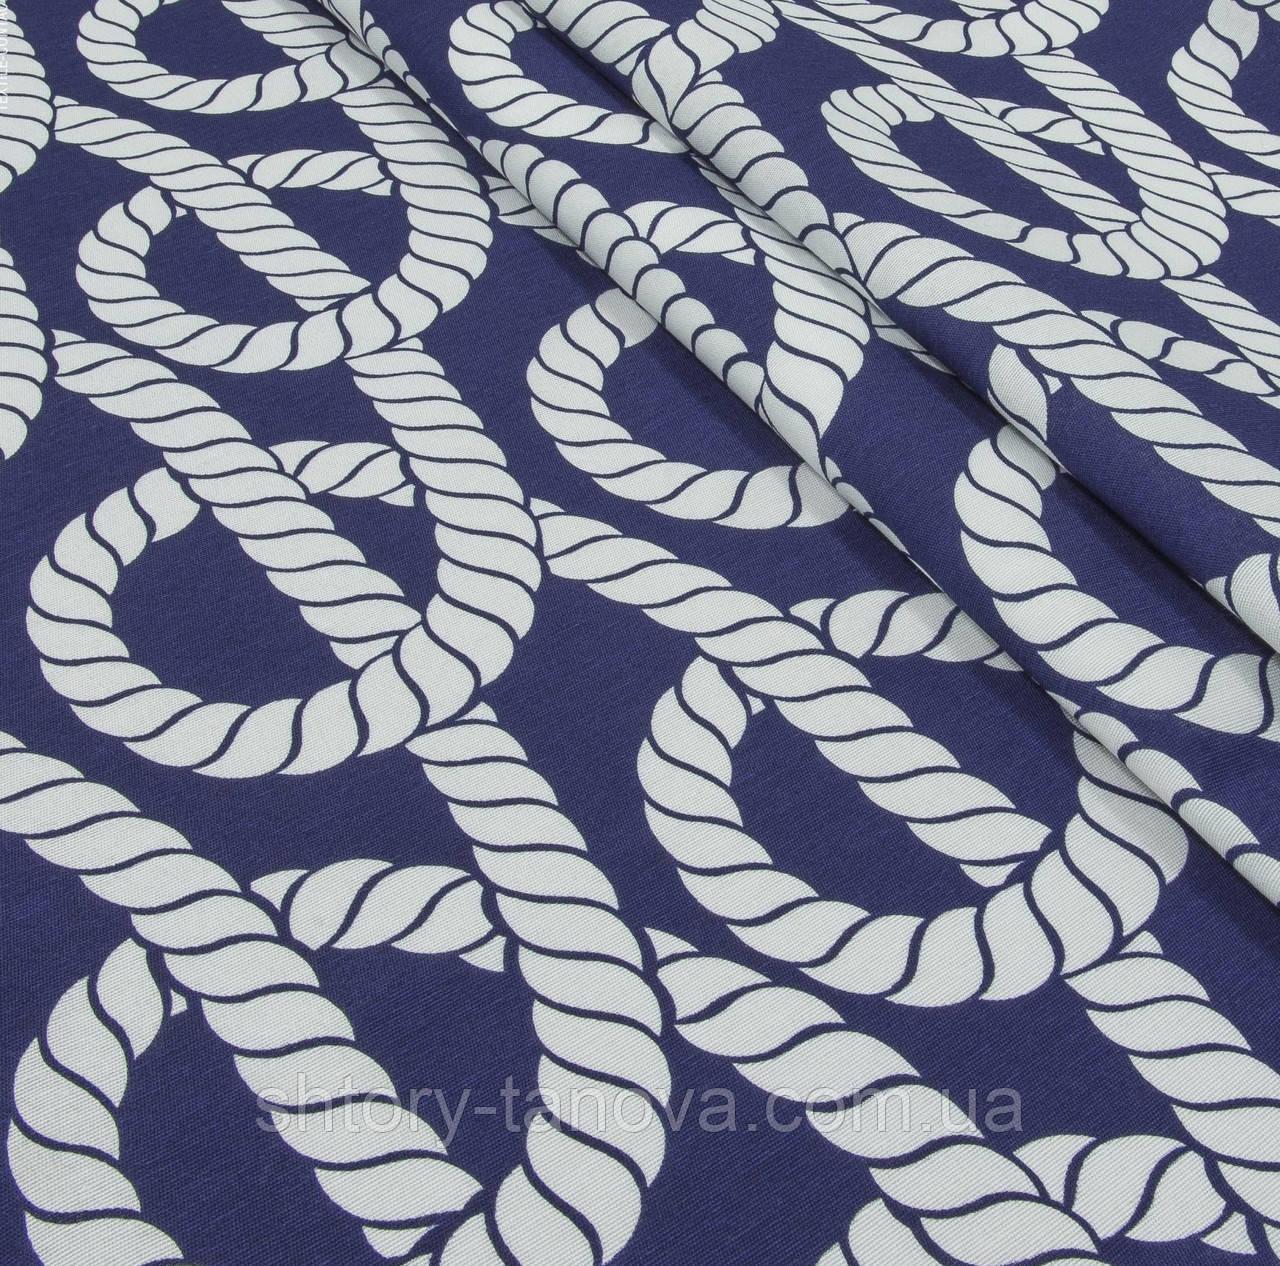 Тканина в морському стилі канат